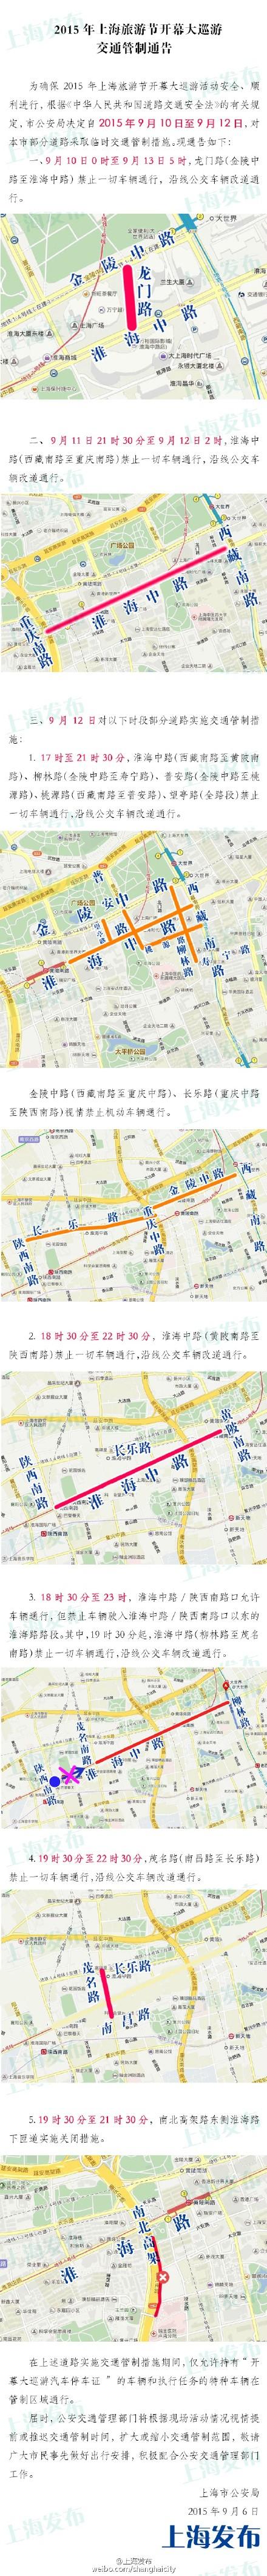 2015上海旅游节大巡游交通管制通告公布